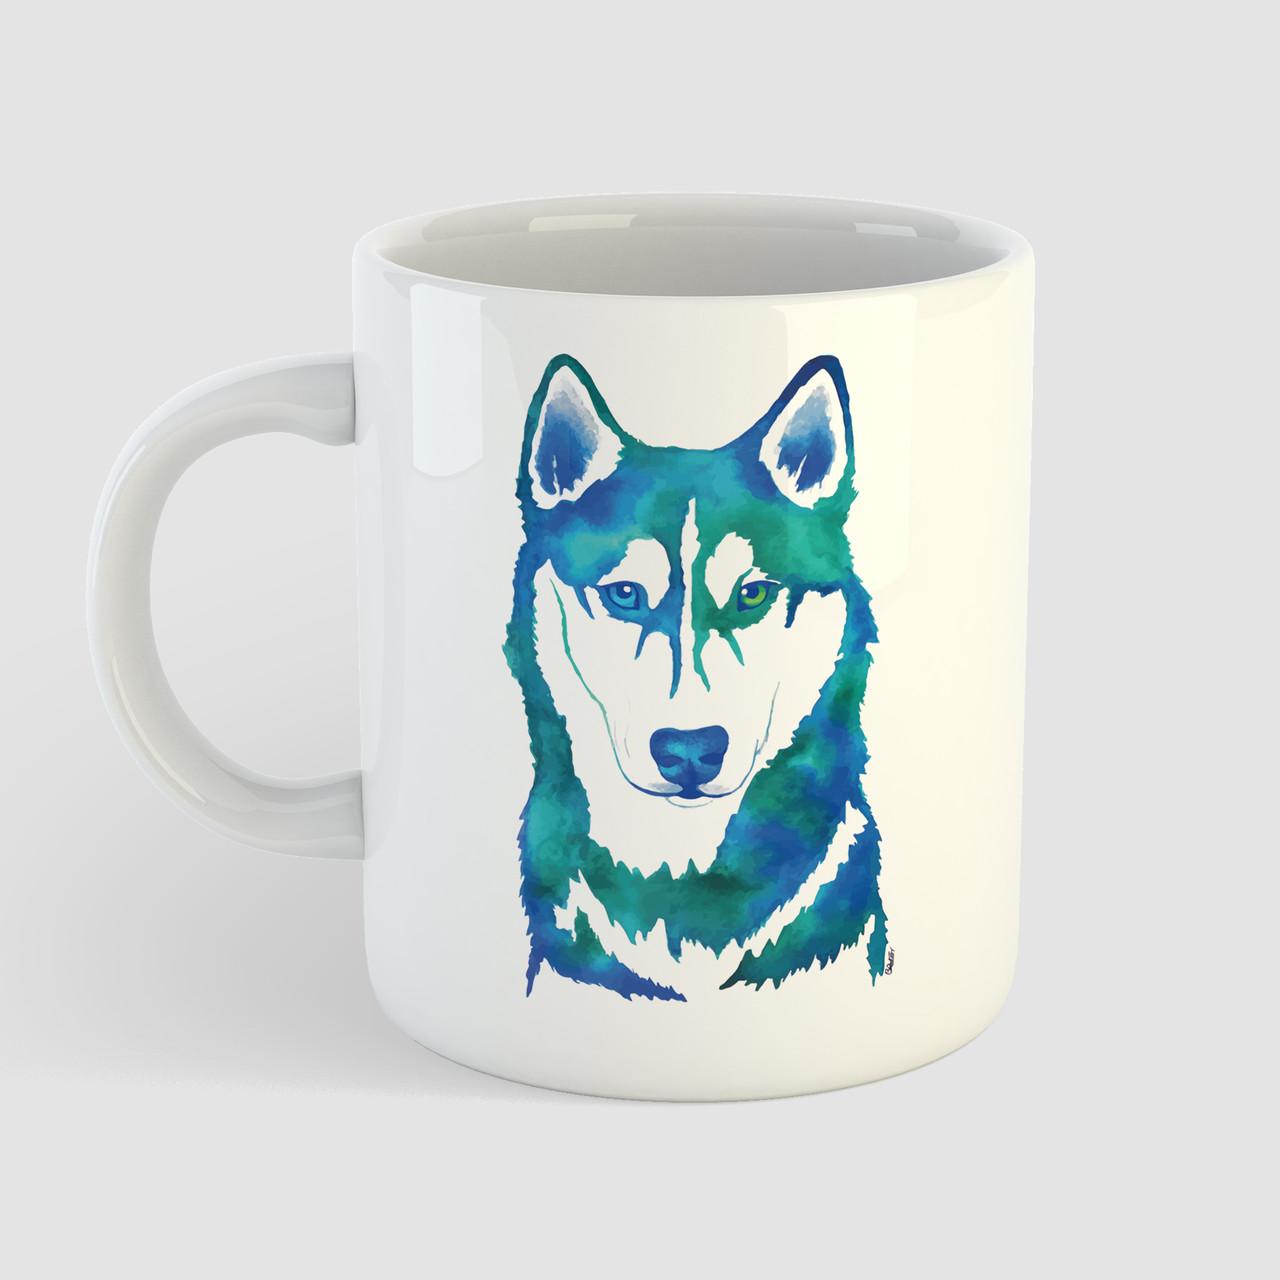 Кружка с принтом Волк. Wolf art. Чашка с фото